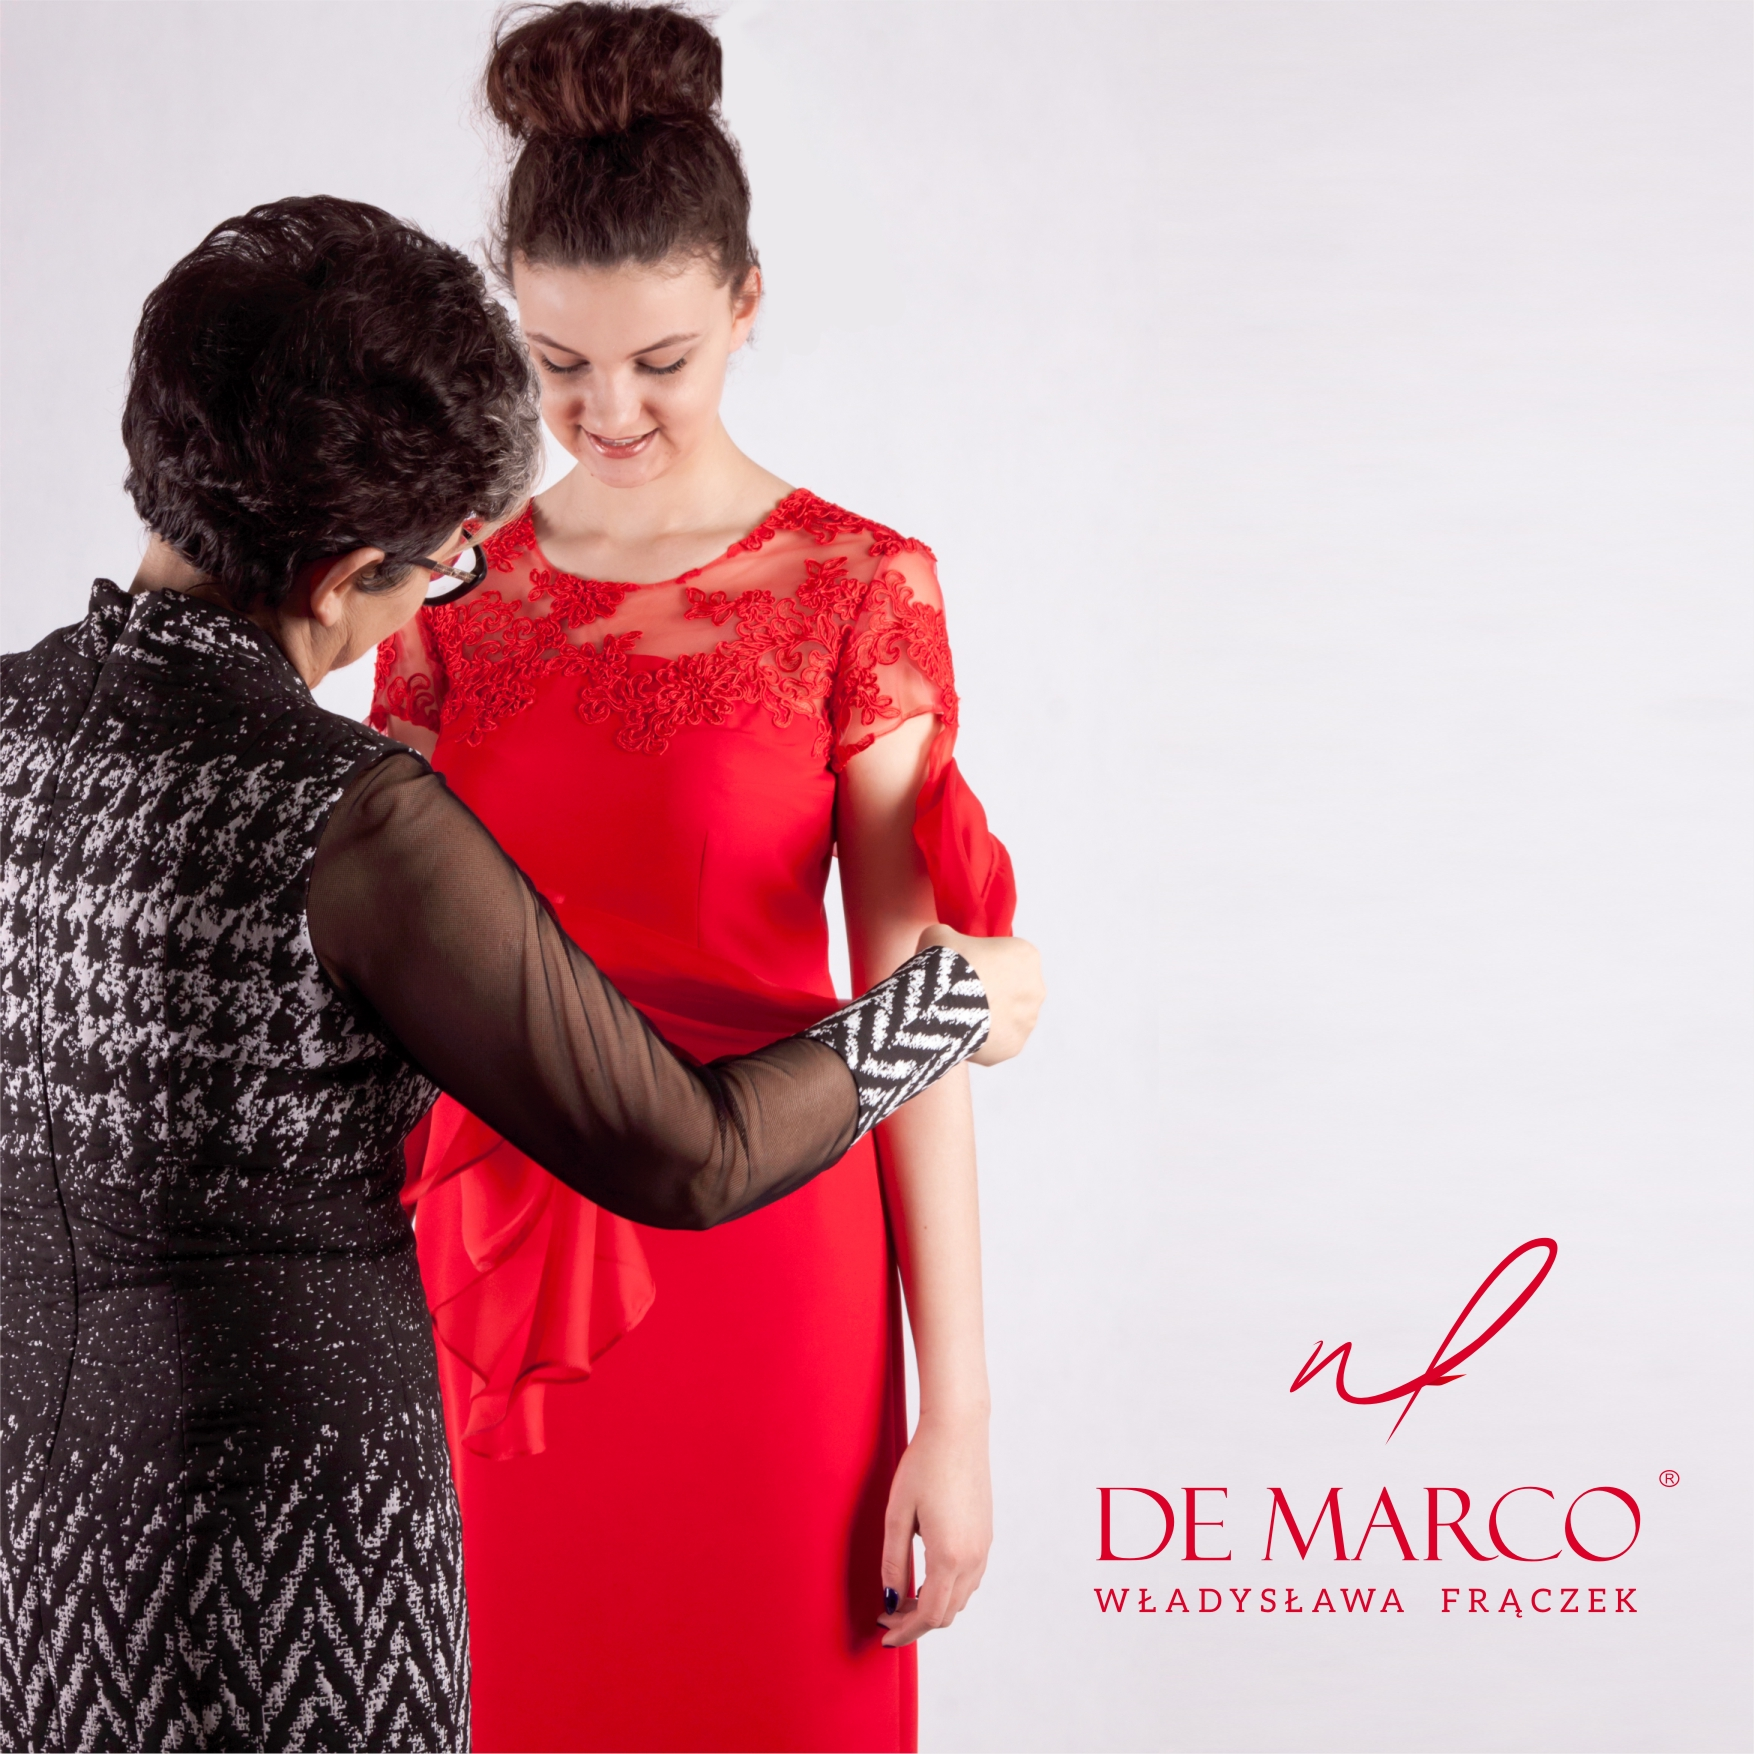 Eleganckie sukienki na wesele dla mamy sklep internetowy projketantki ubrań Agaty Dudy